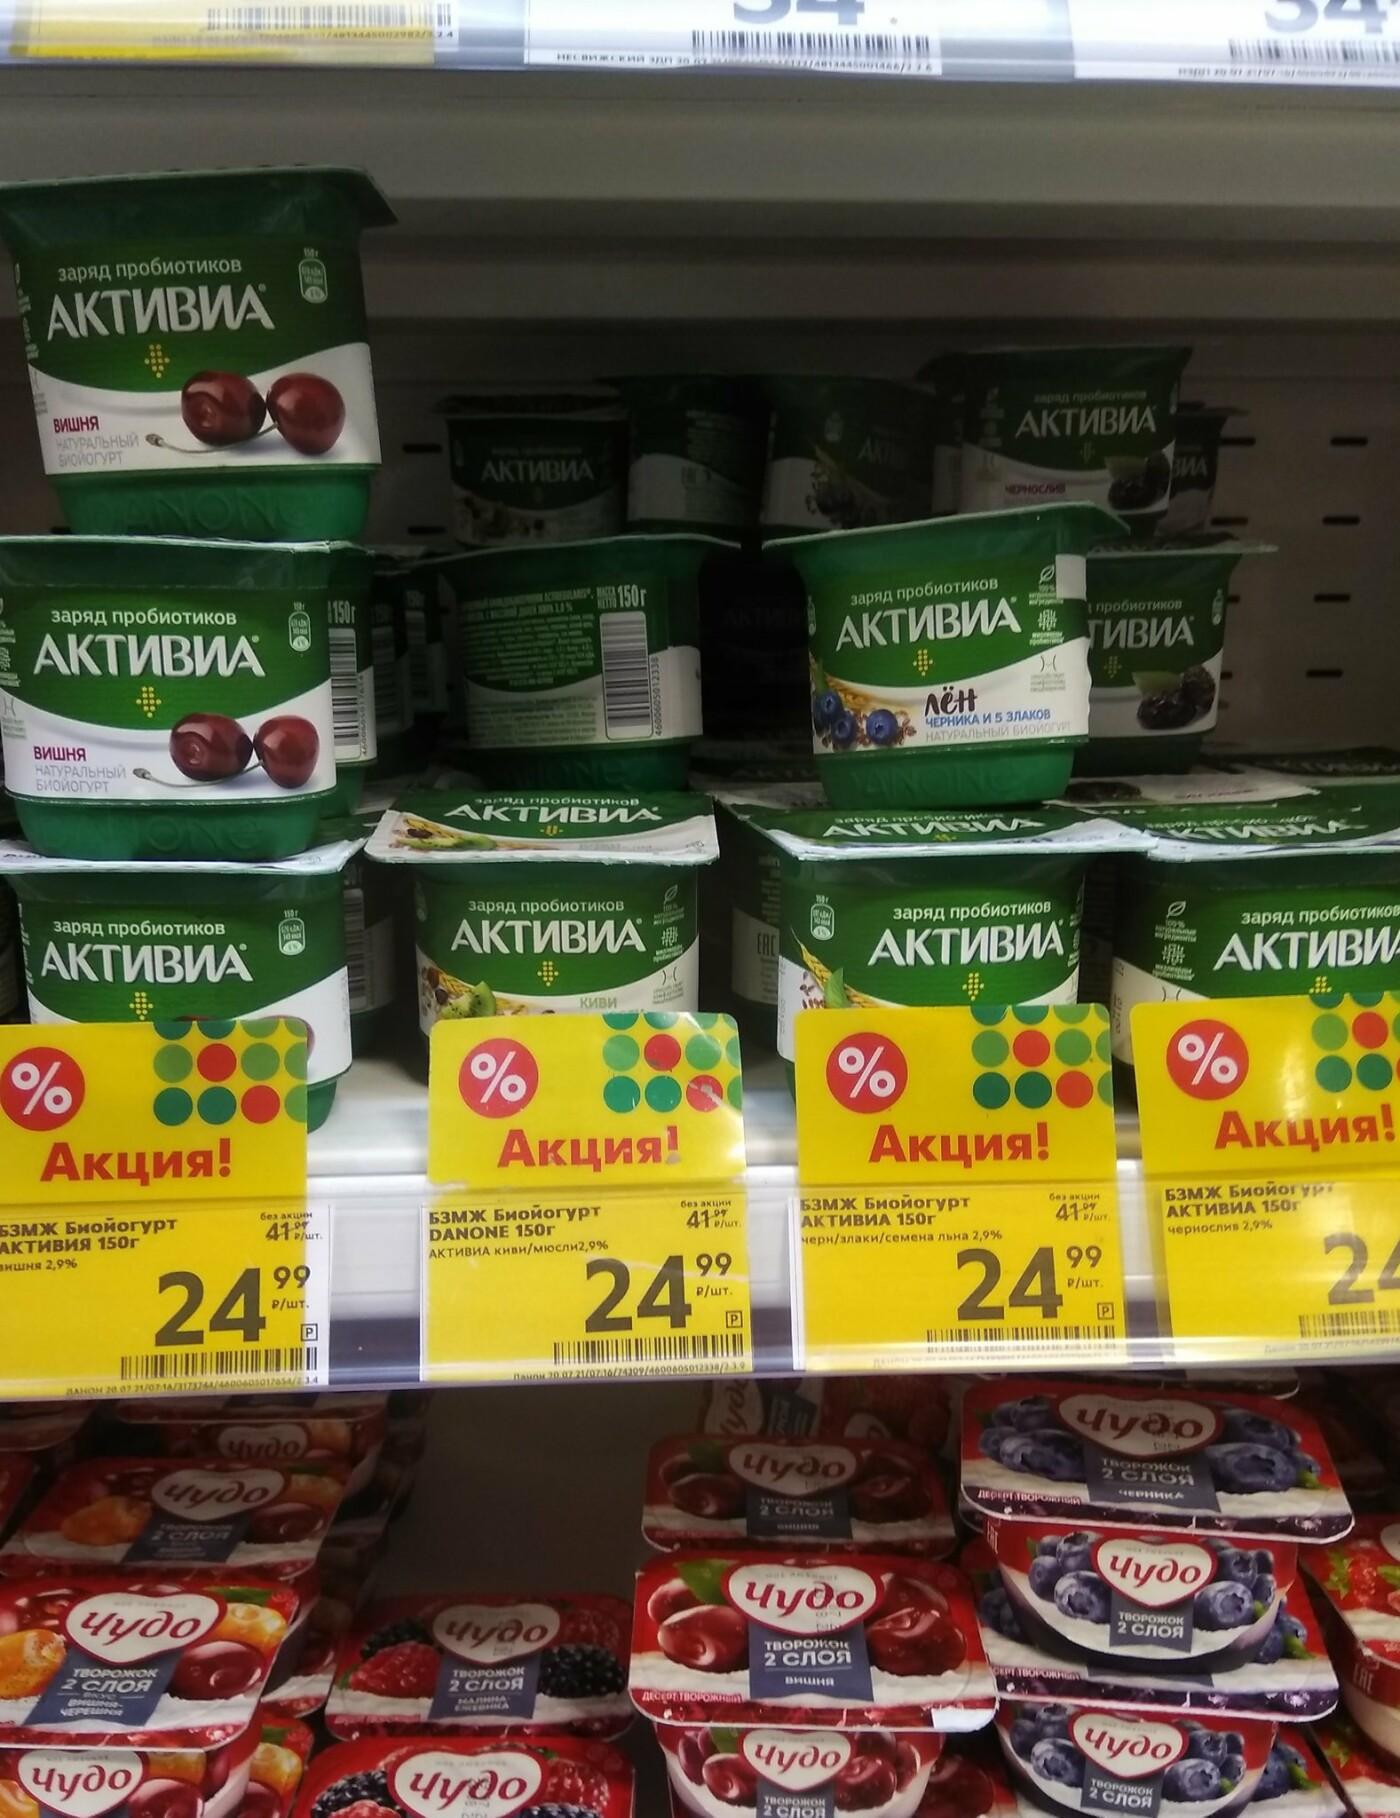 Цены в 2 раза выше московских: в Донецке жалуются на дороговизну продуктов, - ФОТО, фото-4